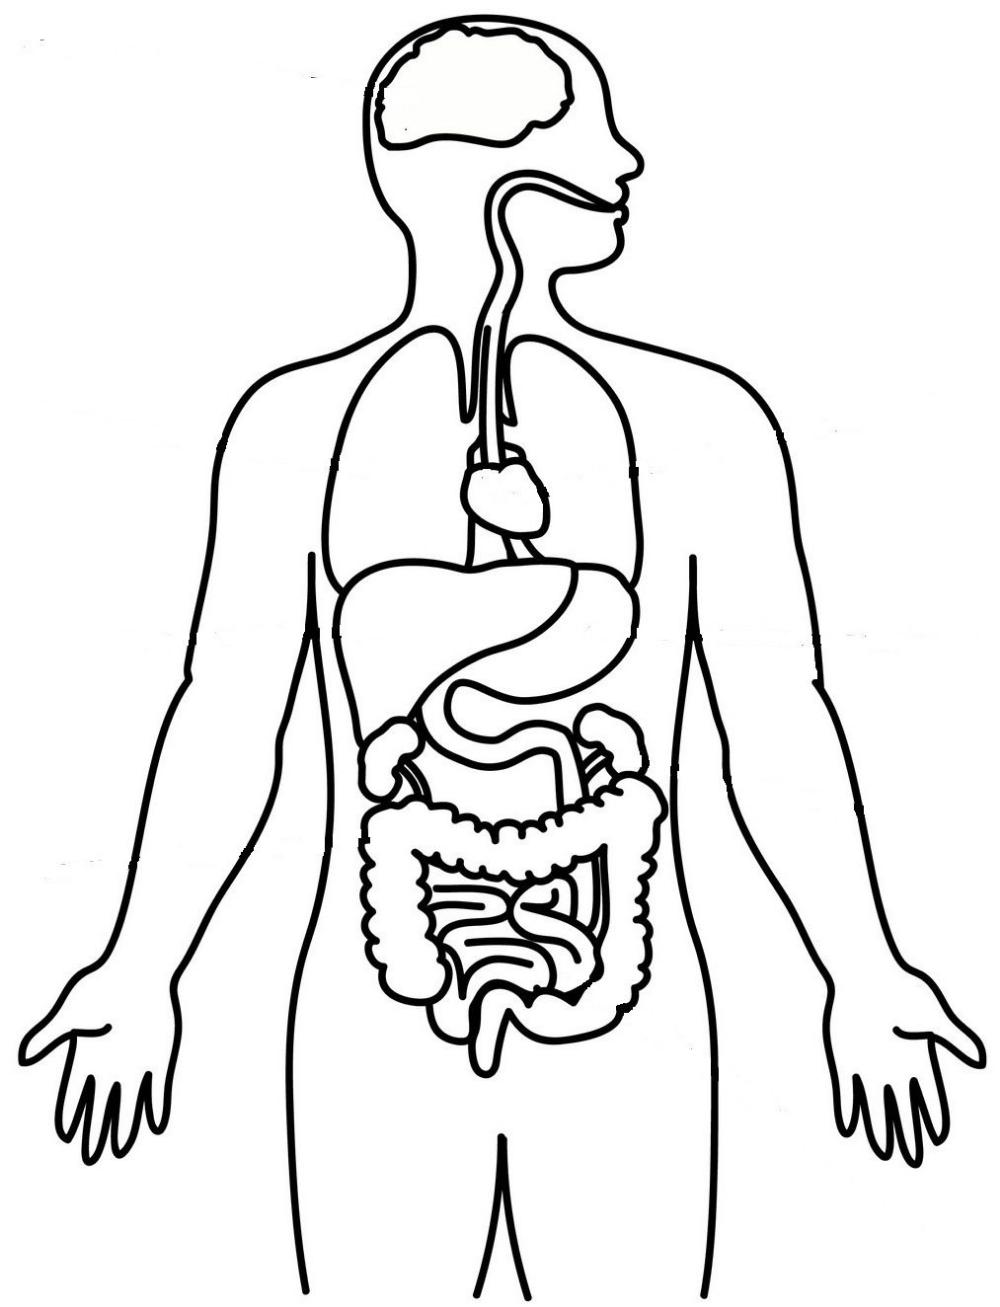 Dibujos Del Tronco Humano Con Los Organos Para Colorear Buscar Con Google Organos Del Cuerpo Humano Sistemas Del Cuerpo Humano Interior Del Cuerpo Humano